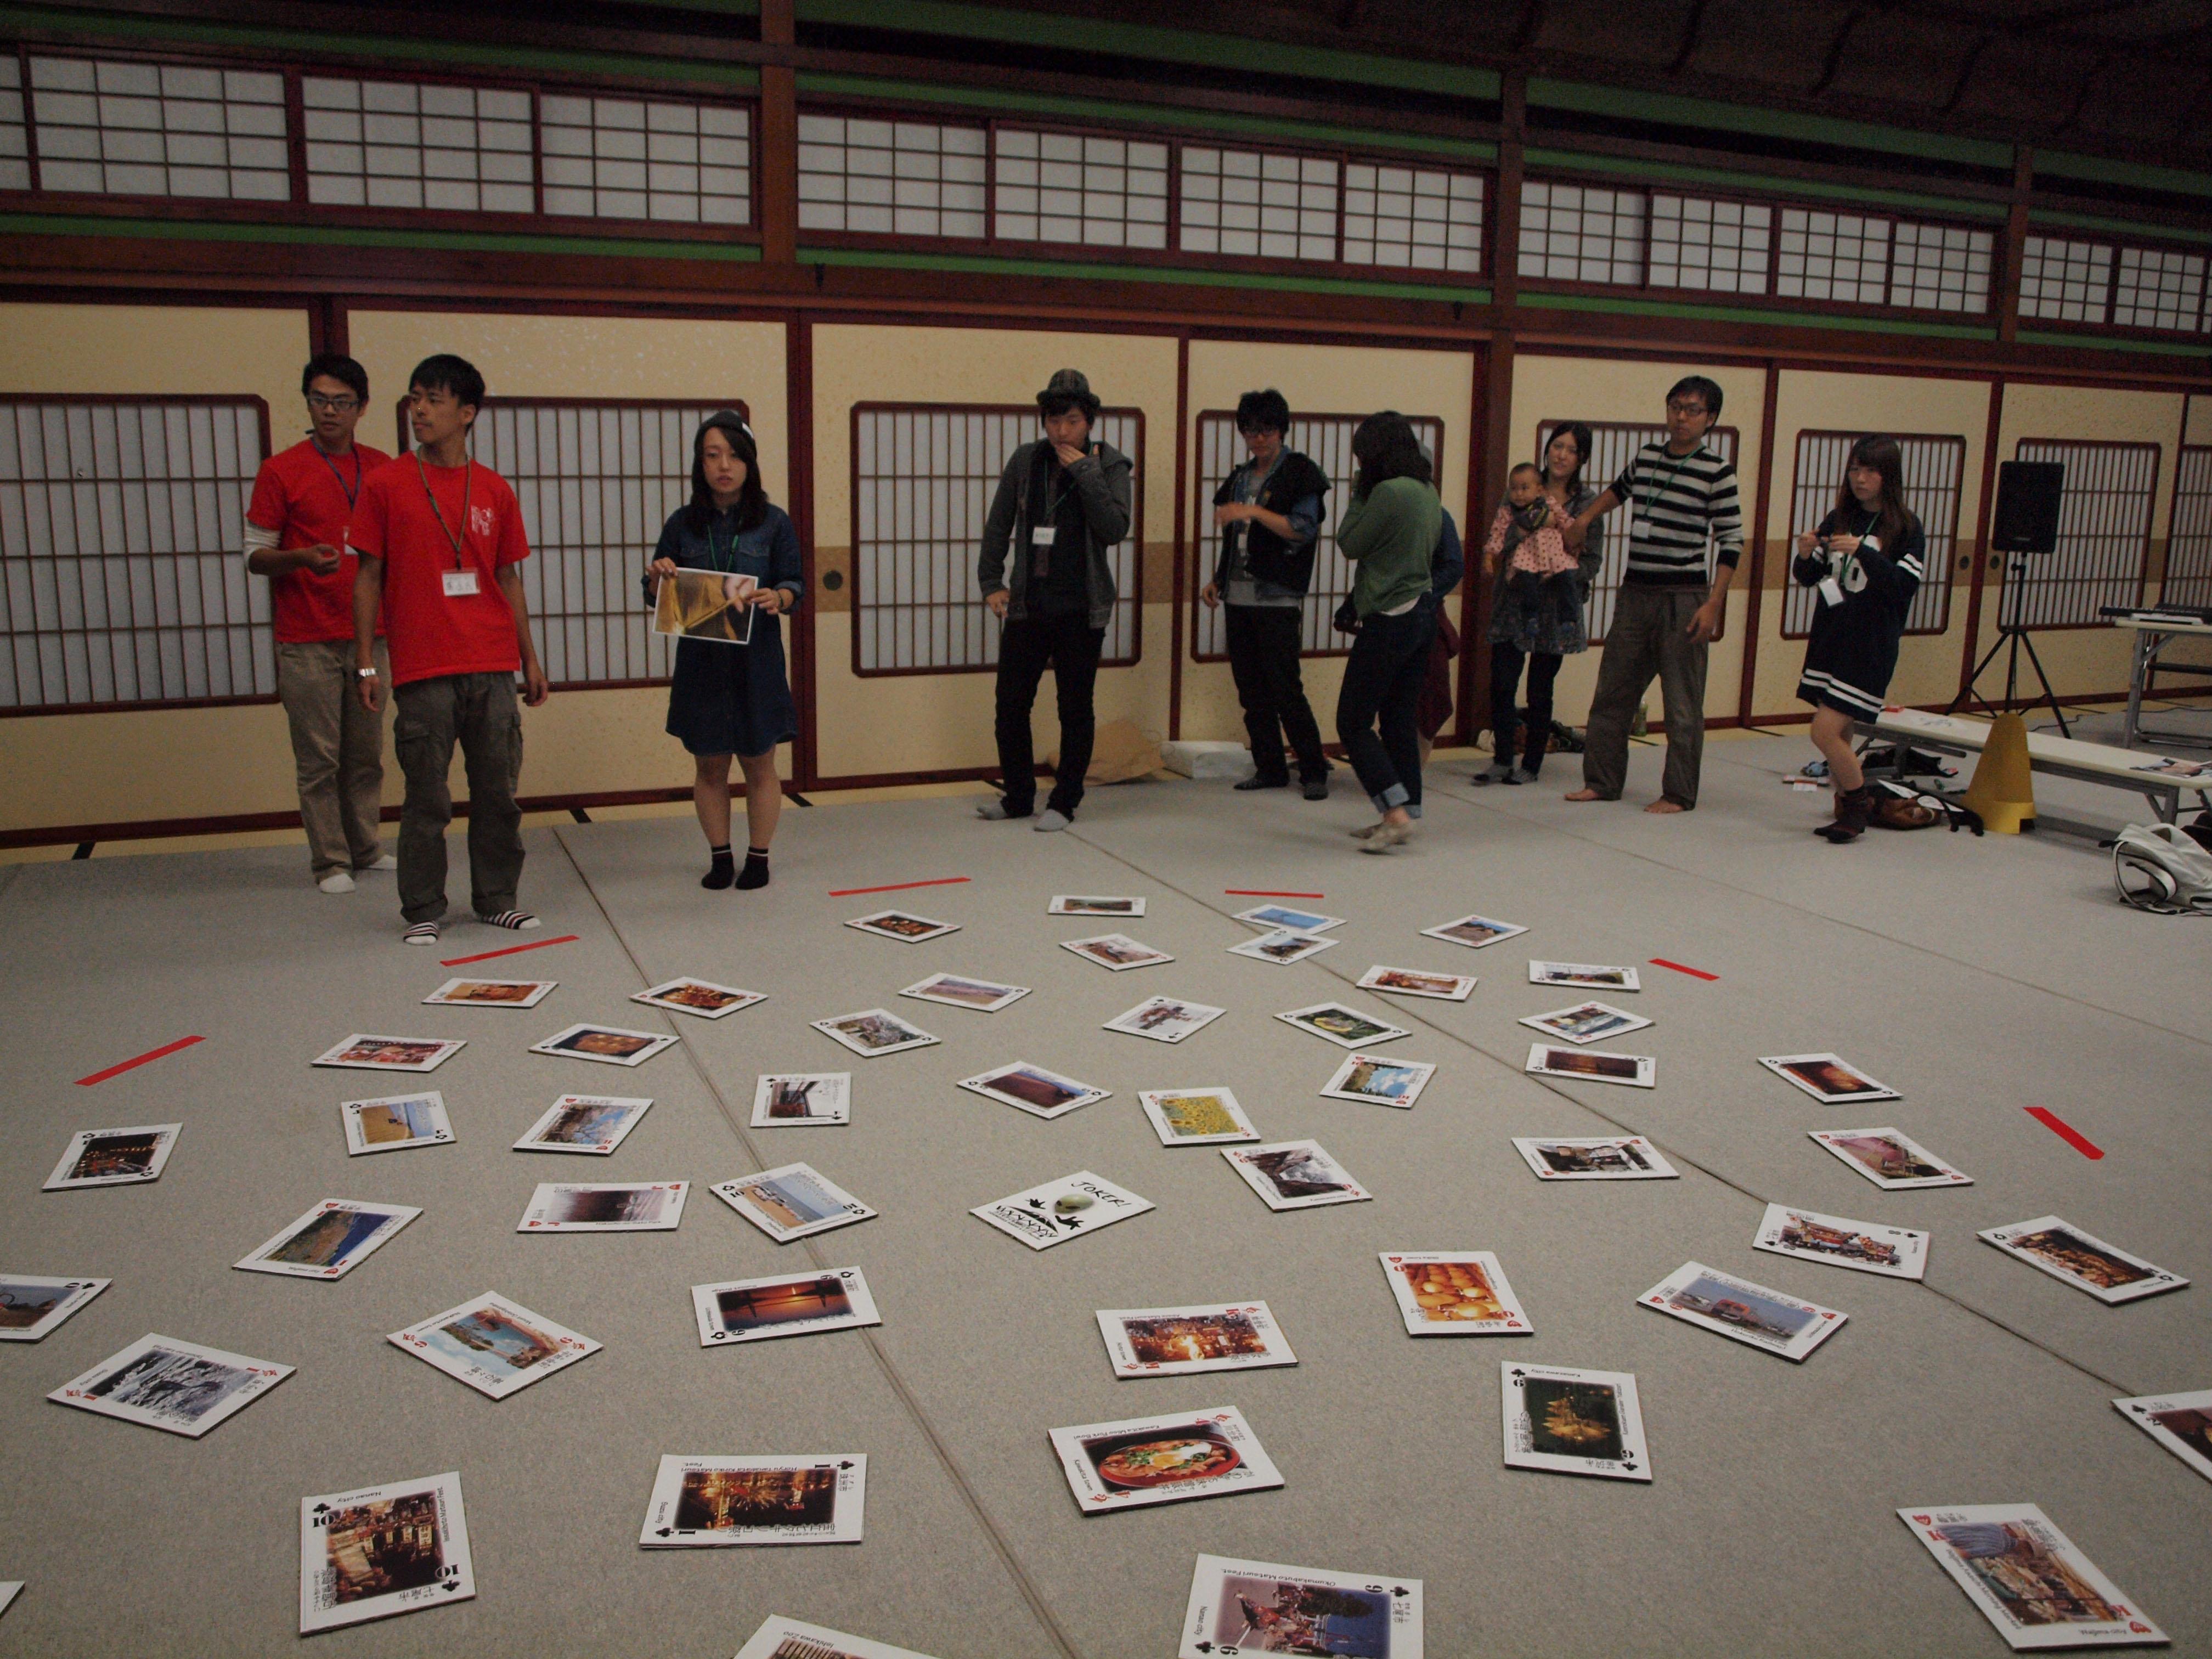 ゲームその3「ITかるた」 石川トランプかるた です